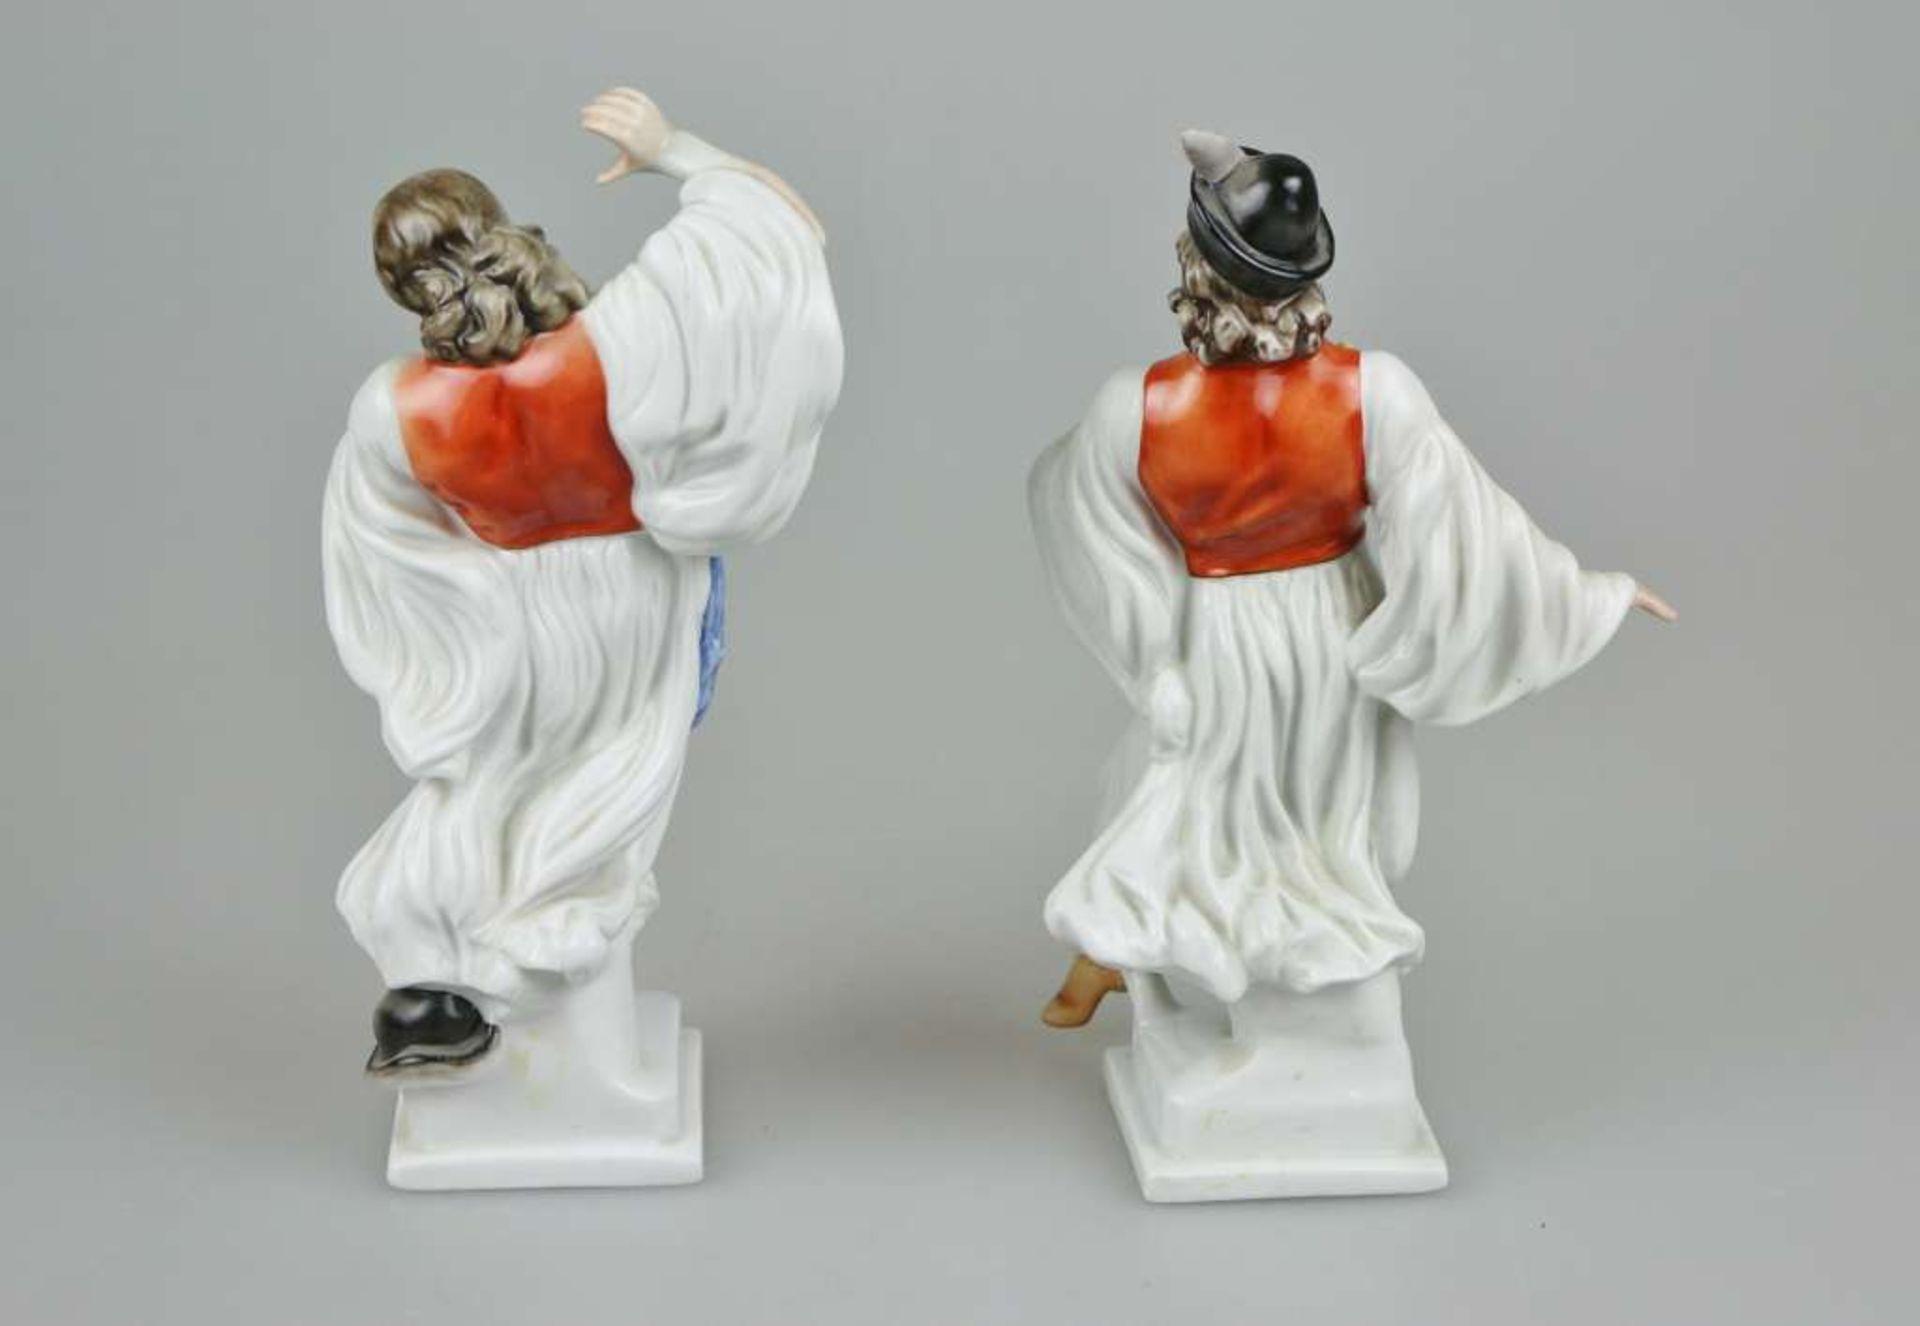 Paar Herend Porzellanfiguren ¨Ungarische Puszta-Tänzer in traditioneller Tracht¨, 2. H. 20. - Bild 2 aus 4